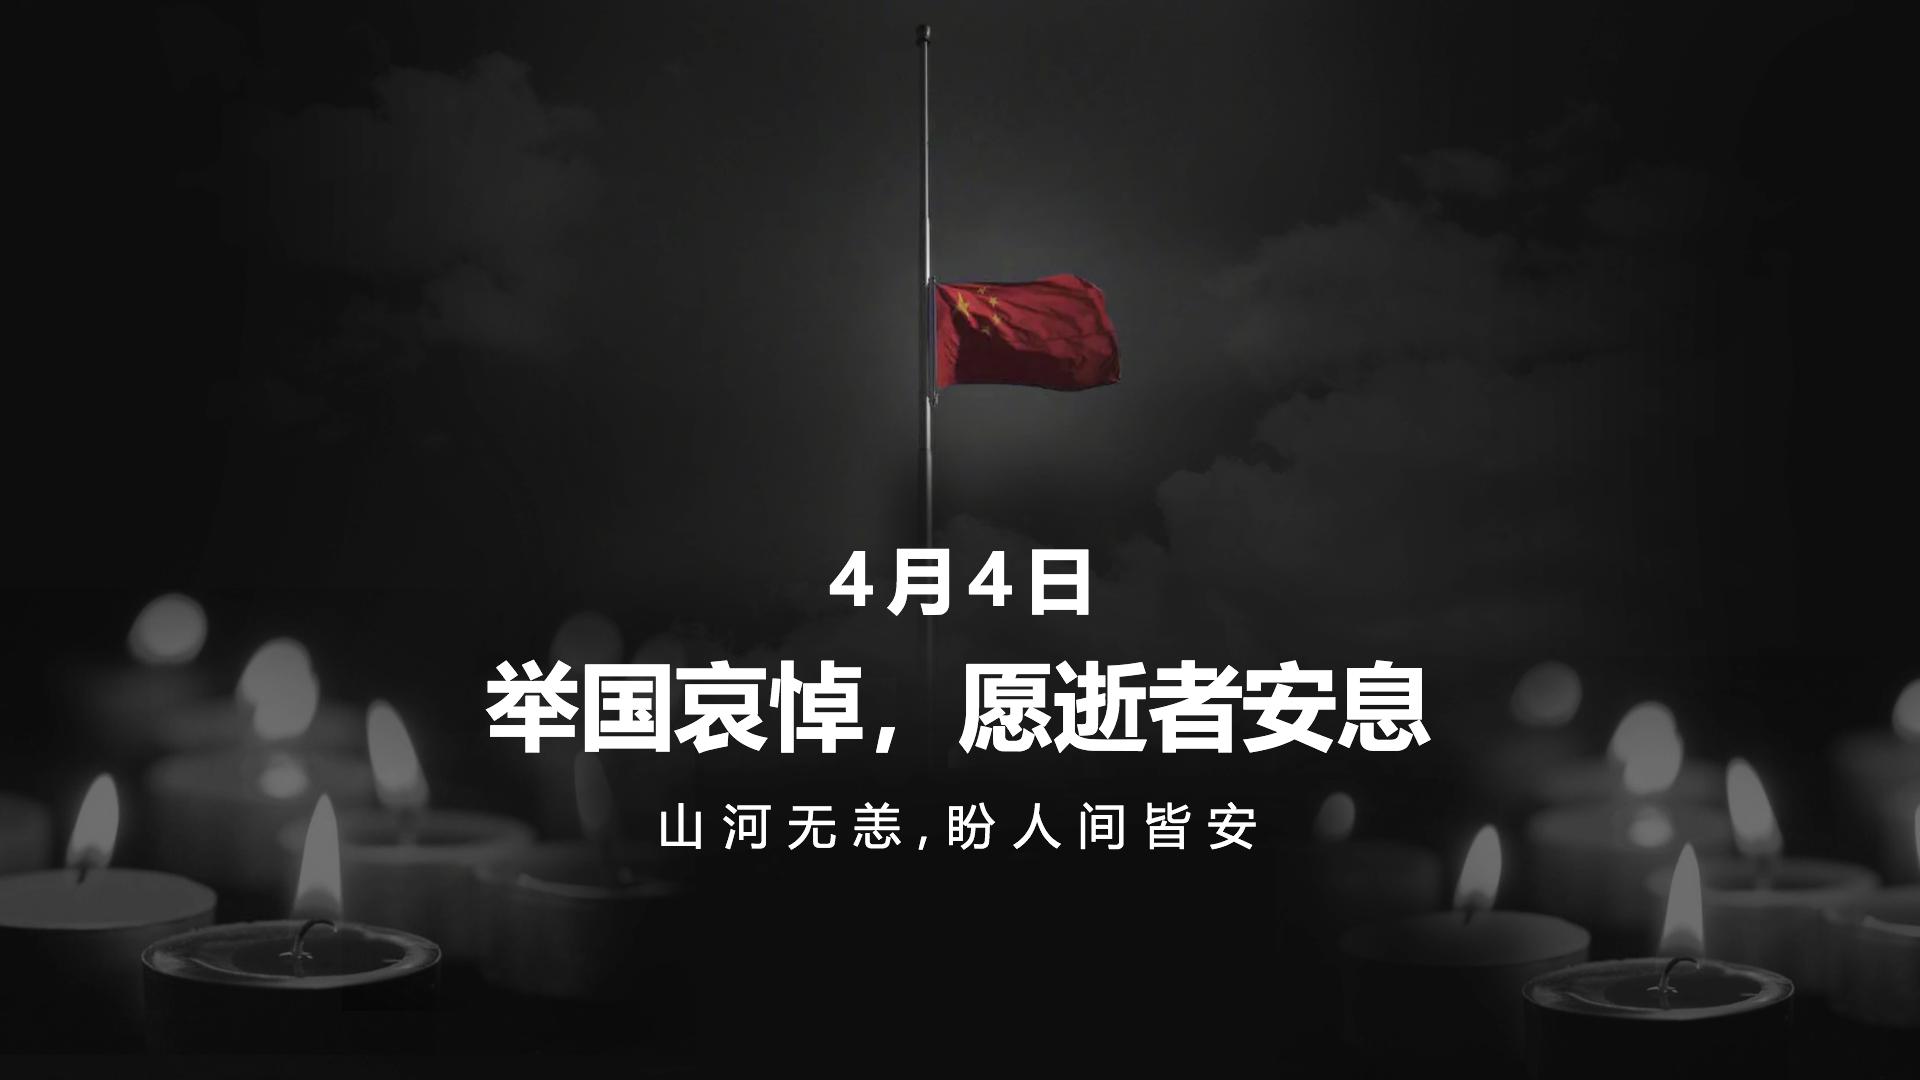 4月4日0点至4月5日0点停机维护